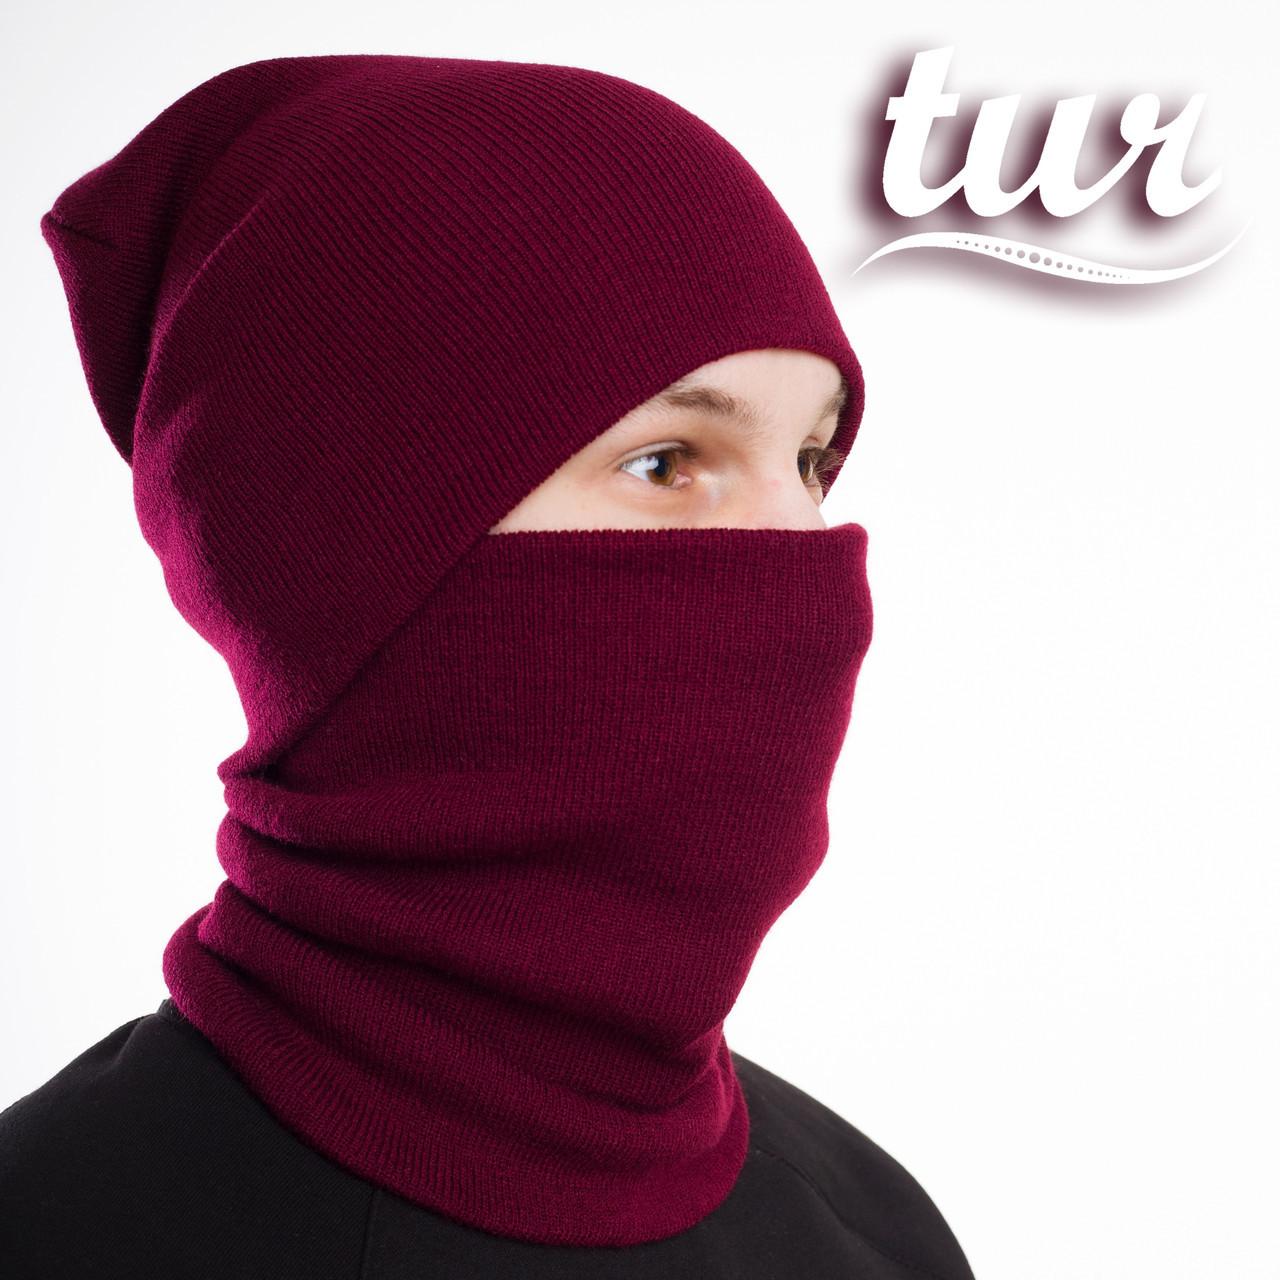 Зимова шапка бордо унісекс Бран (Bran) від бренду ТУР, фото 1